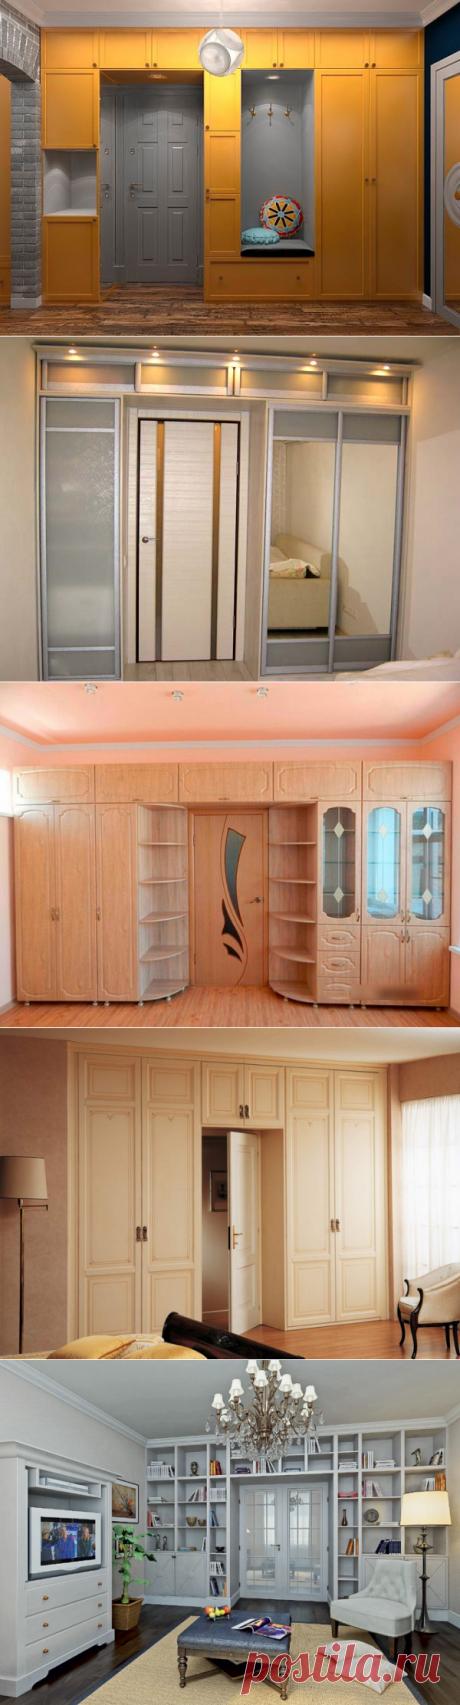 Шкаф вокруг двери, необычные и практичные идеи для интерьера